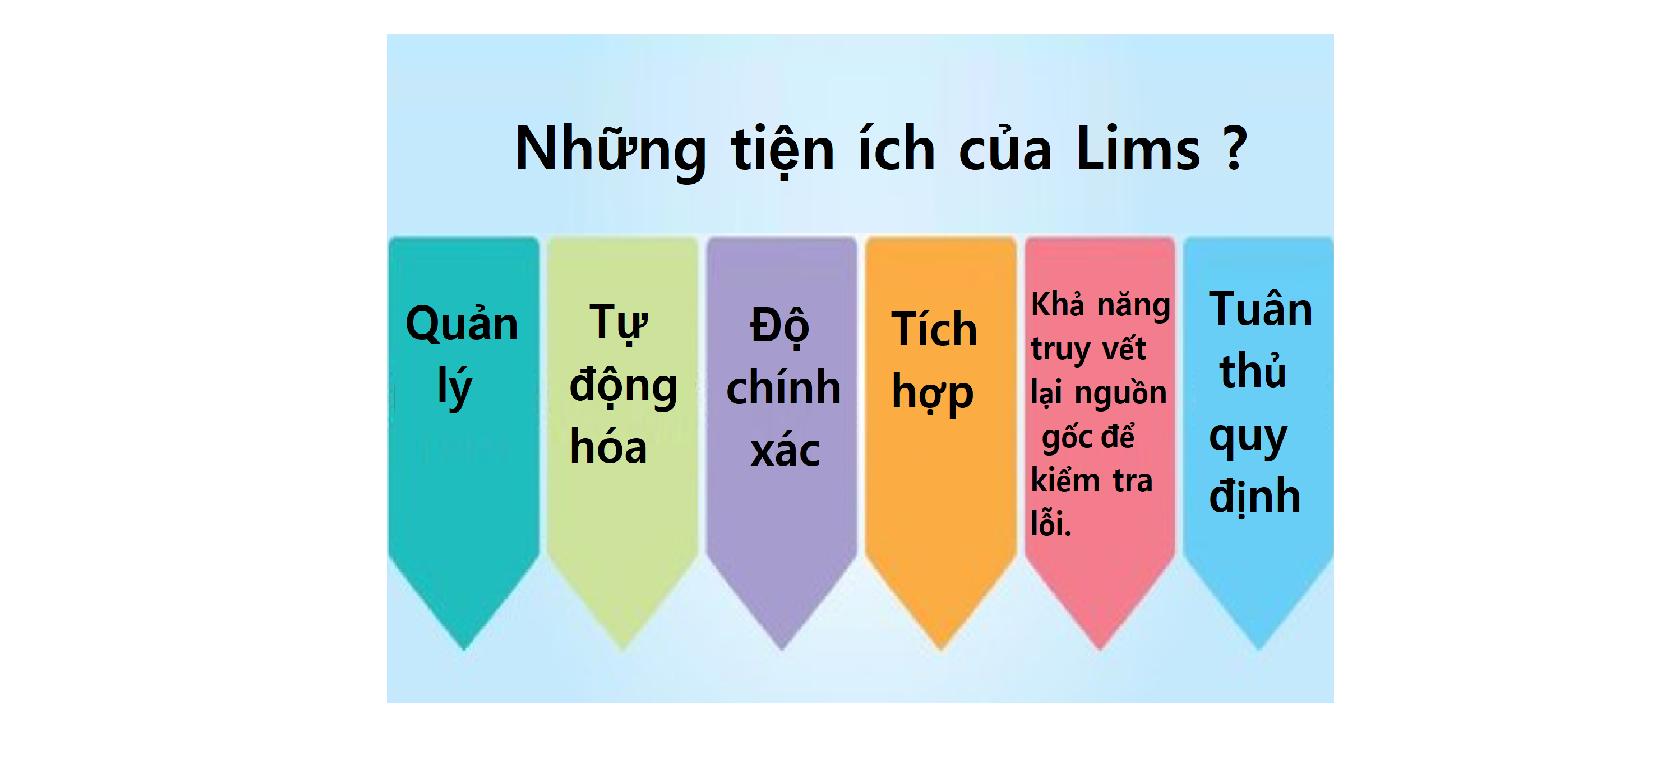 Những tiện ích của Lims?